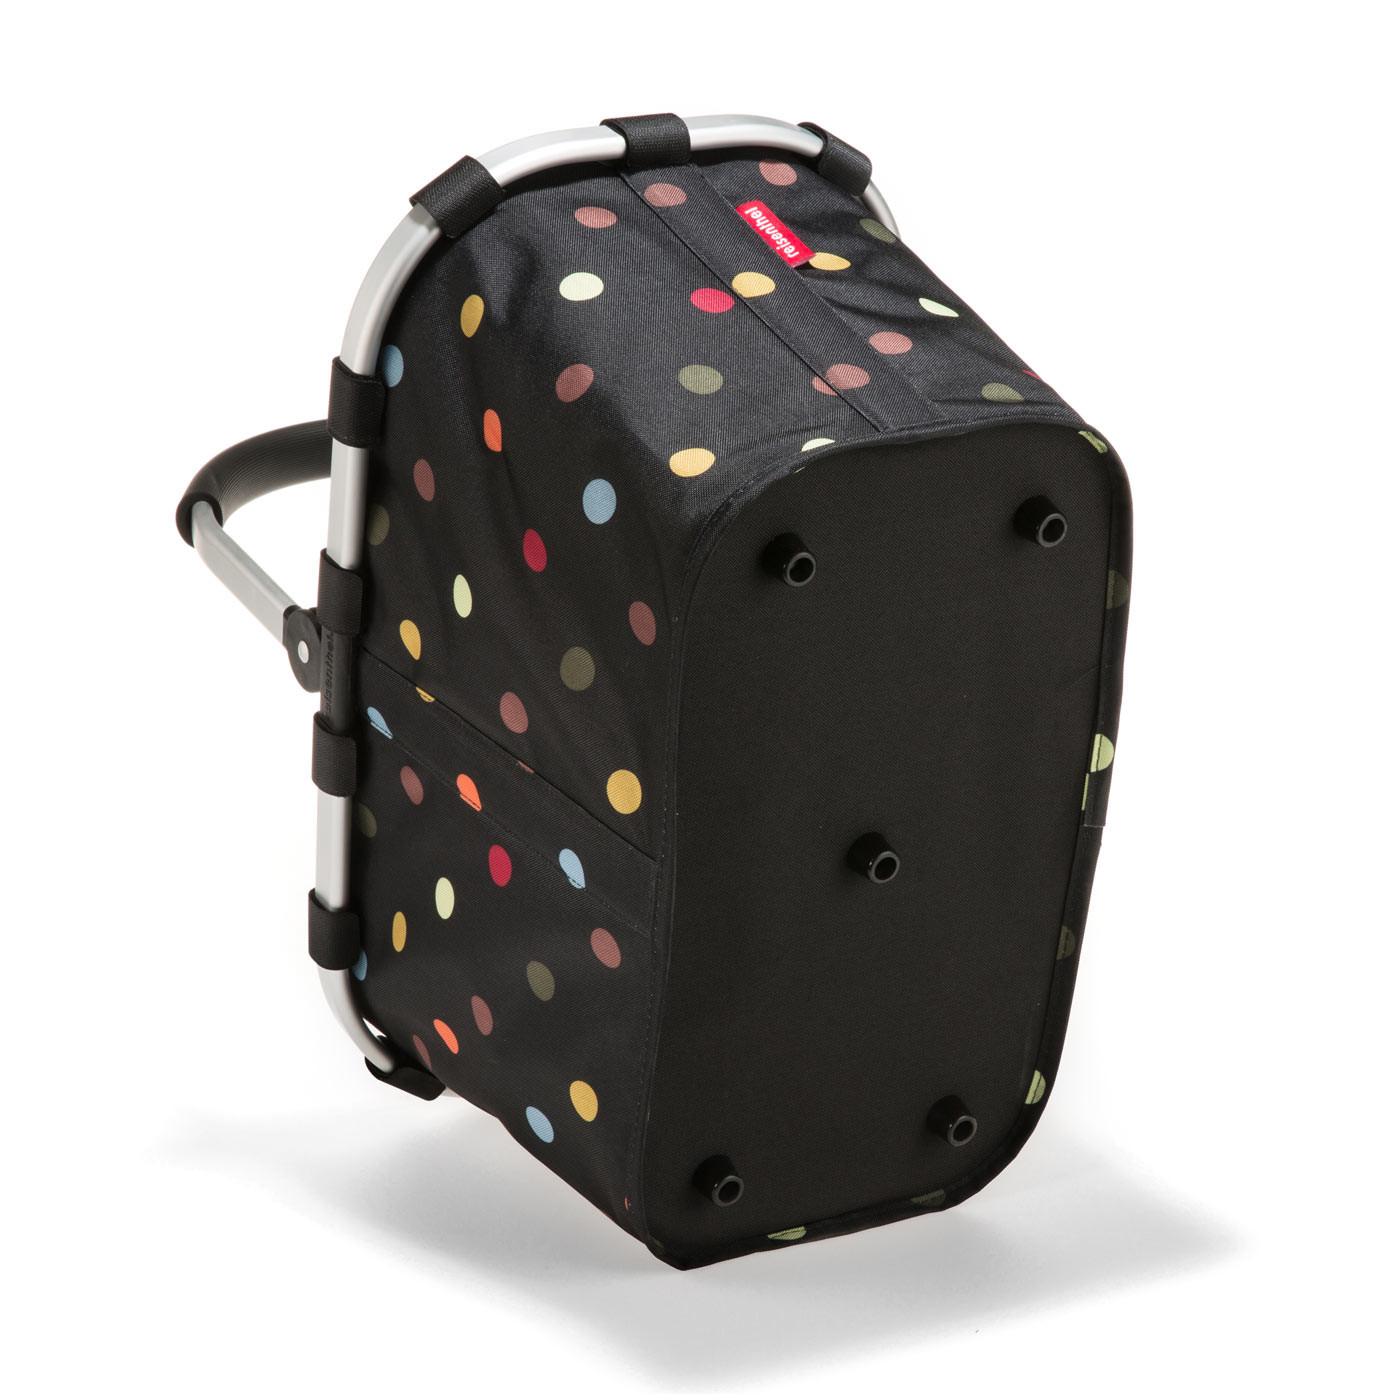 Reisenthel Carrybag dots 22 Liter - Allzweck Einkaufskorb